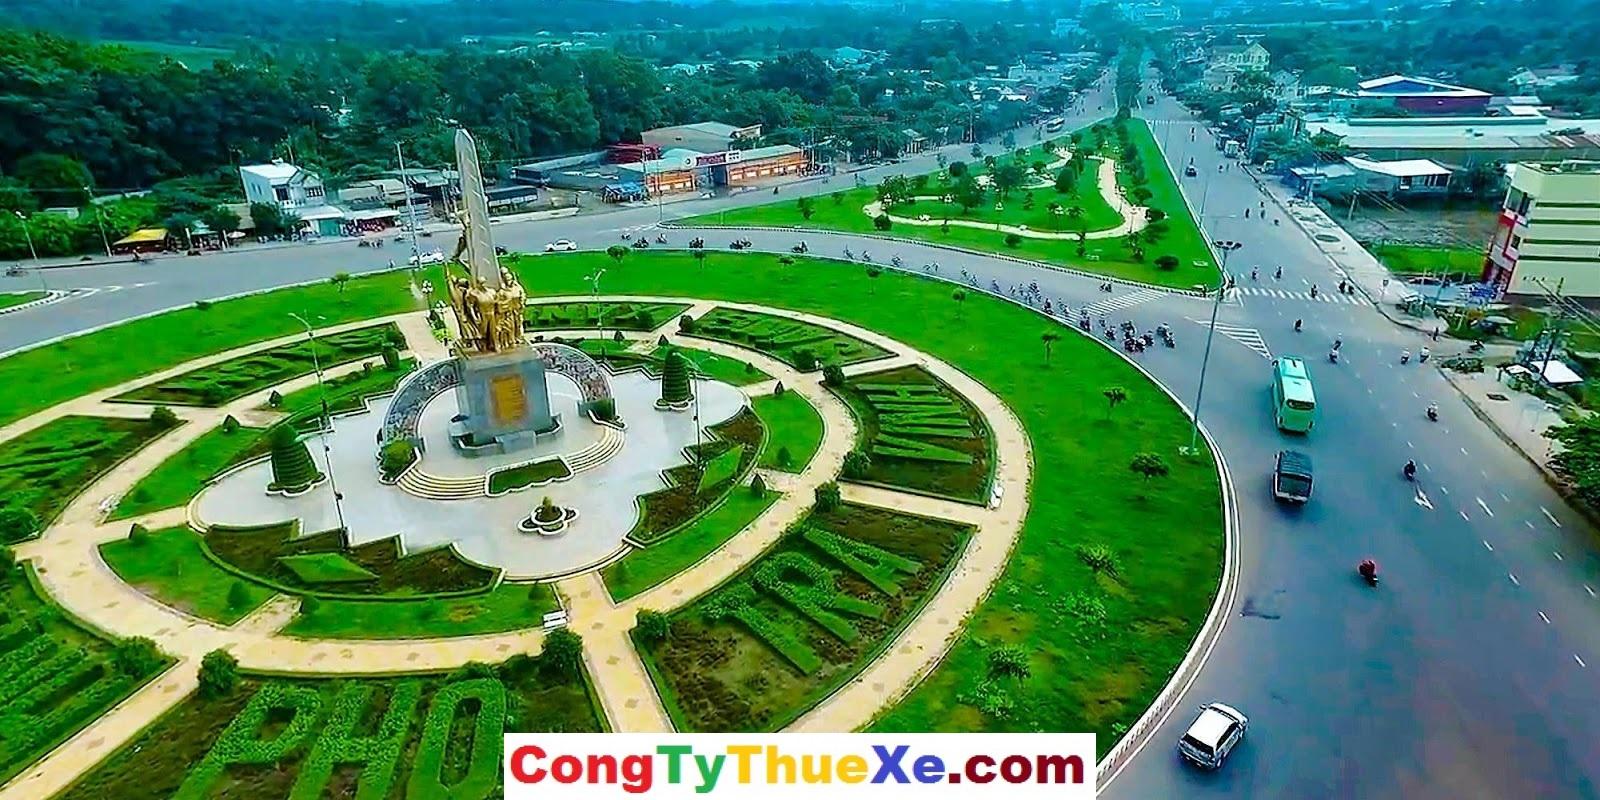 Thuê xe đi du lịch Trà Vinh